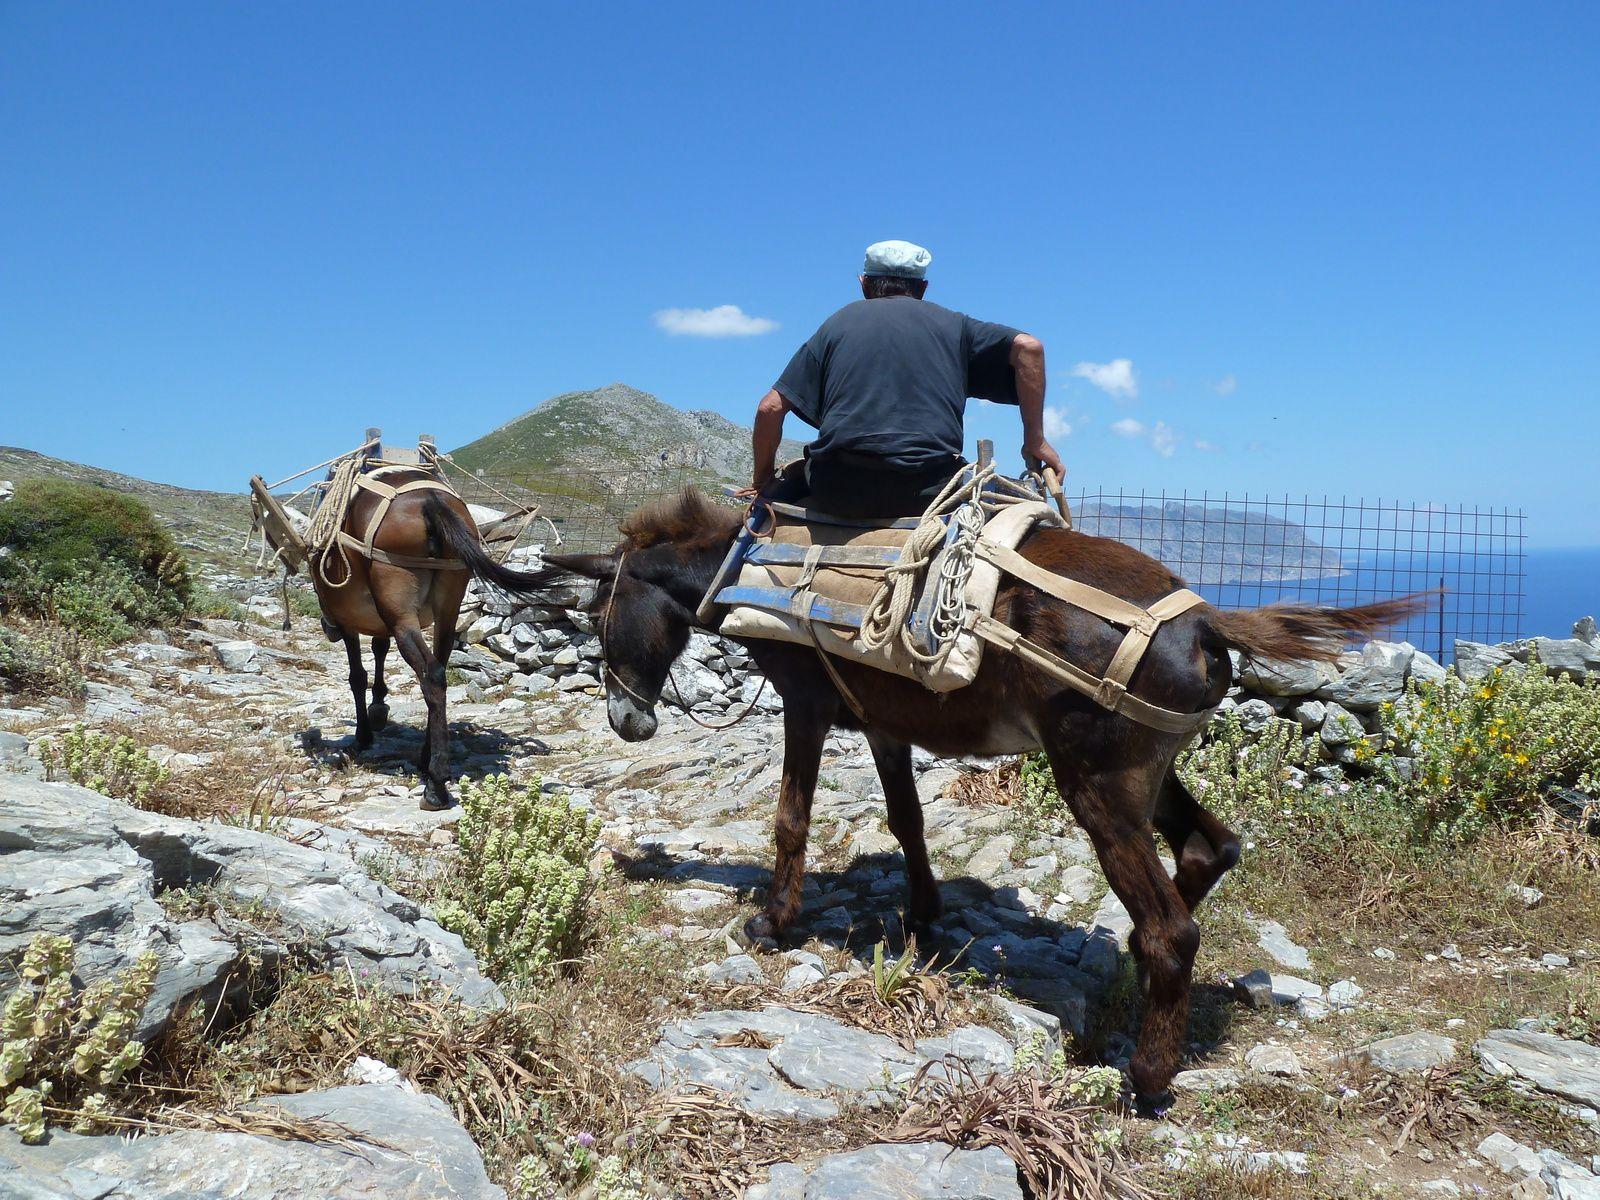 Avec les chèvres et cet homme à dos de mule, ce sont les seules rencontres de la journée...